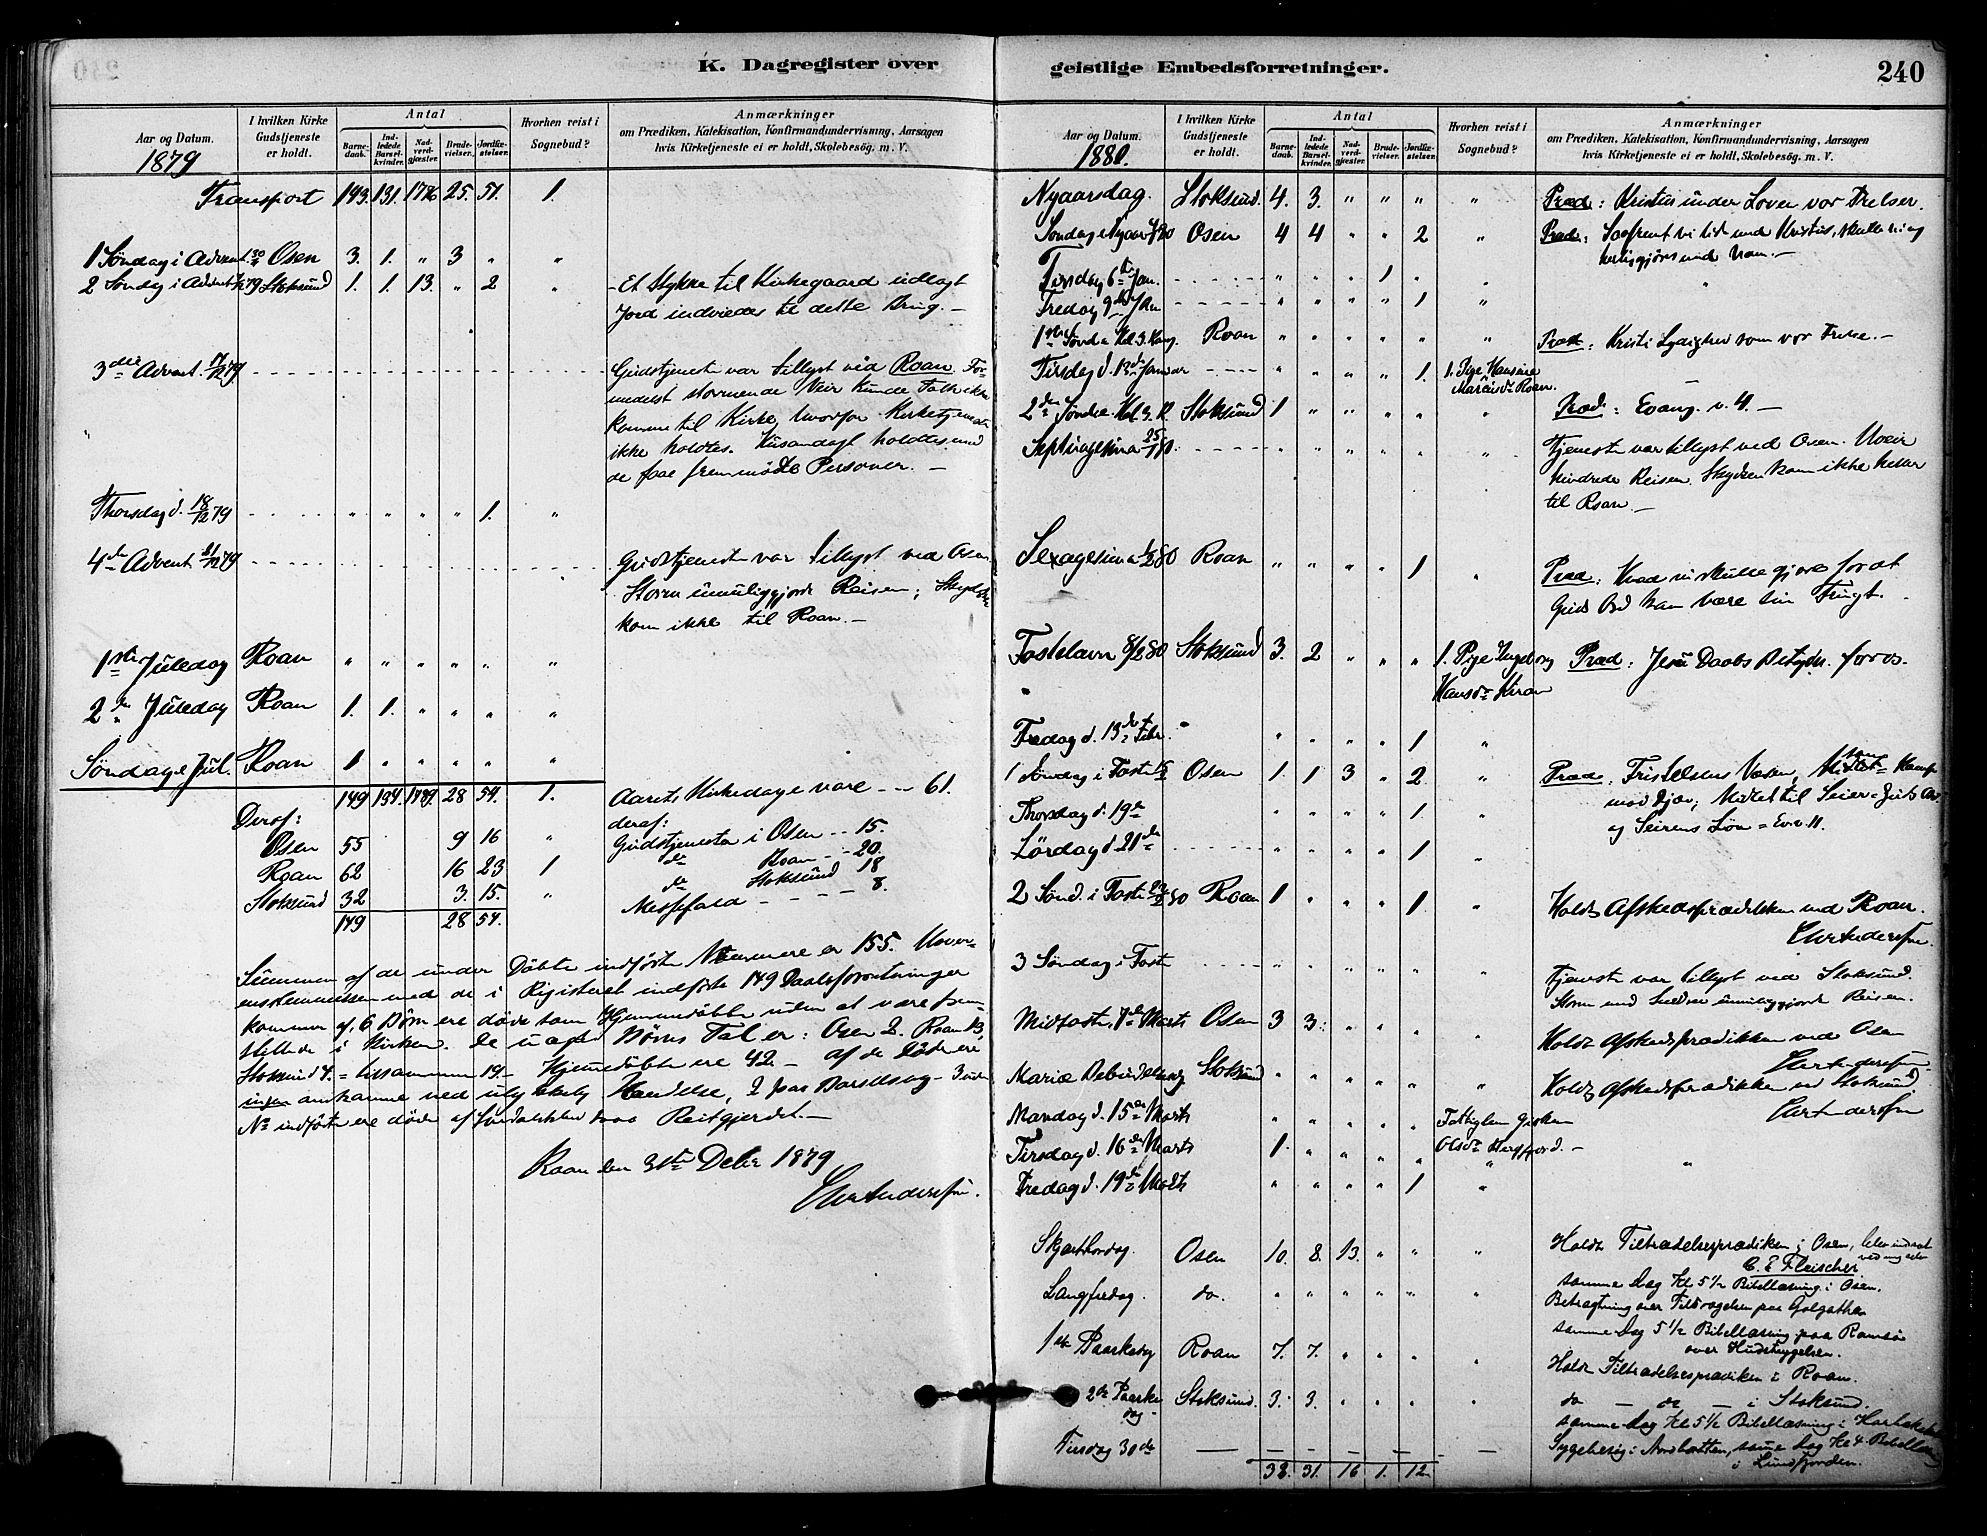 SAT, Ministerialprotokoller, klokkerbøker og fødselsregistre - Sør-Trøndelag, 657/L0707: Ministerialbok nr. 657A08, 1879-1893, s. 240